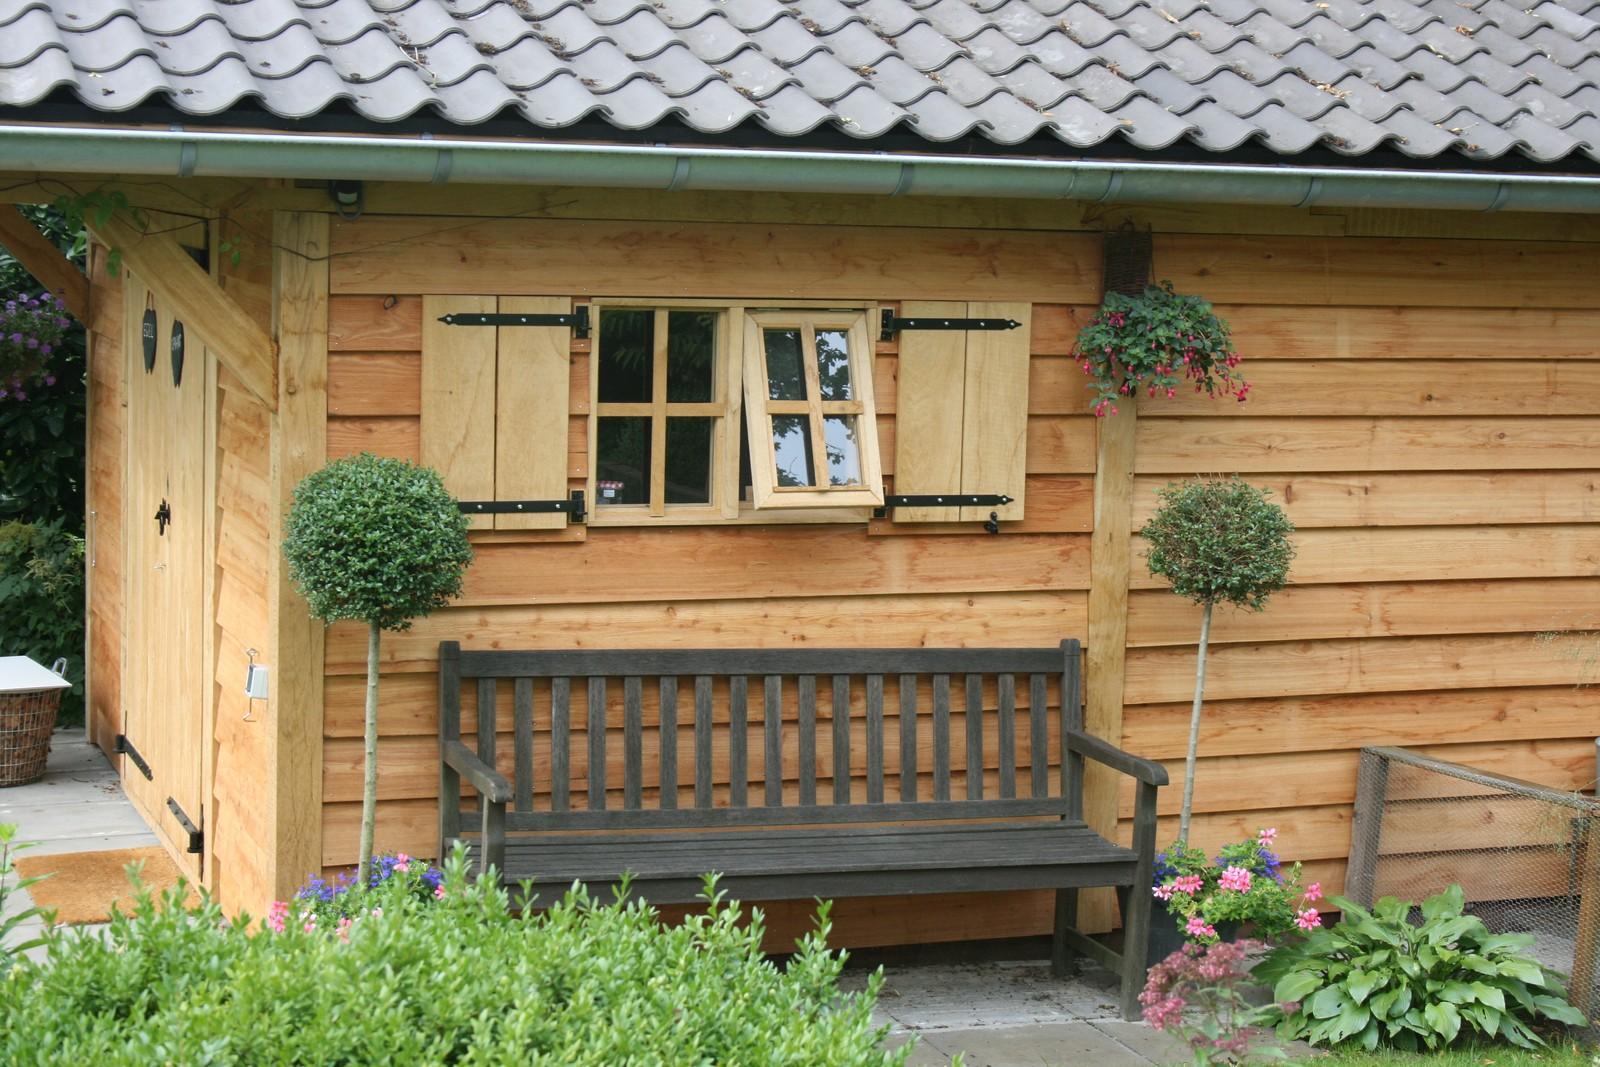 Eiken_tuinhuis - Houten dierenopvang met overkapping gemaakt van duurzaam eikenhout.